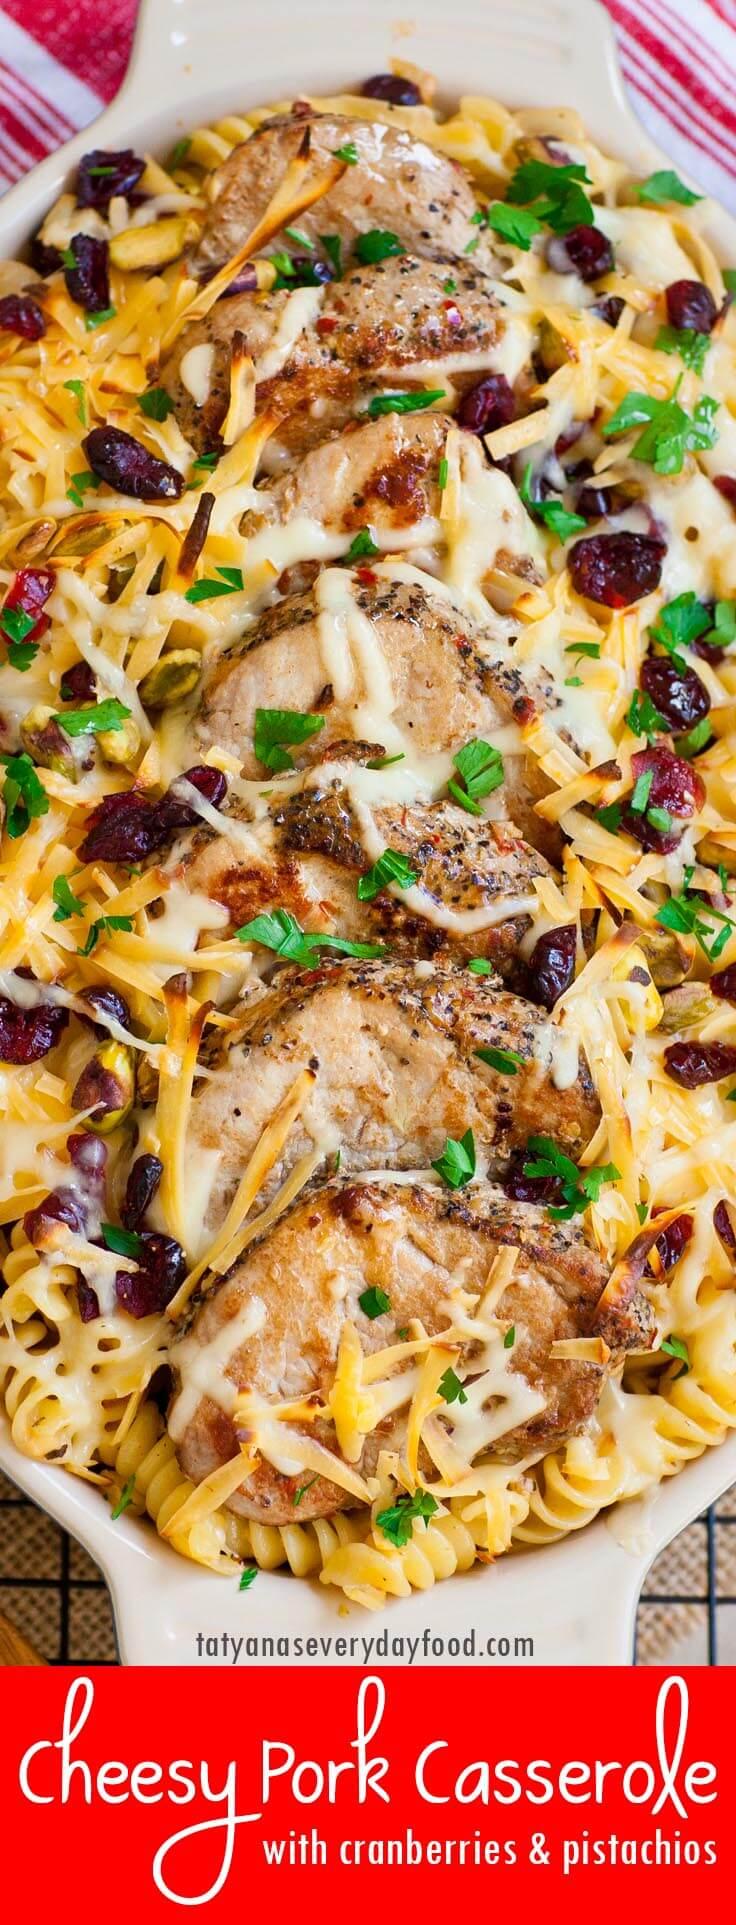 Cheesy Pork Casserole video recipe